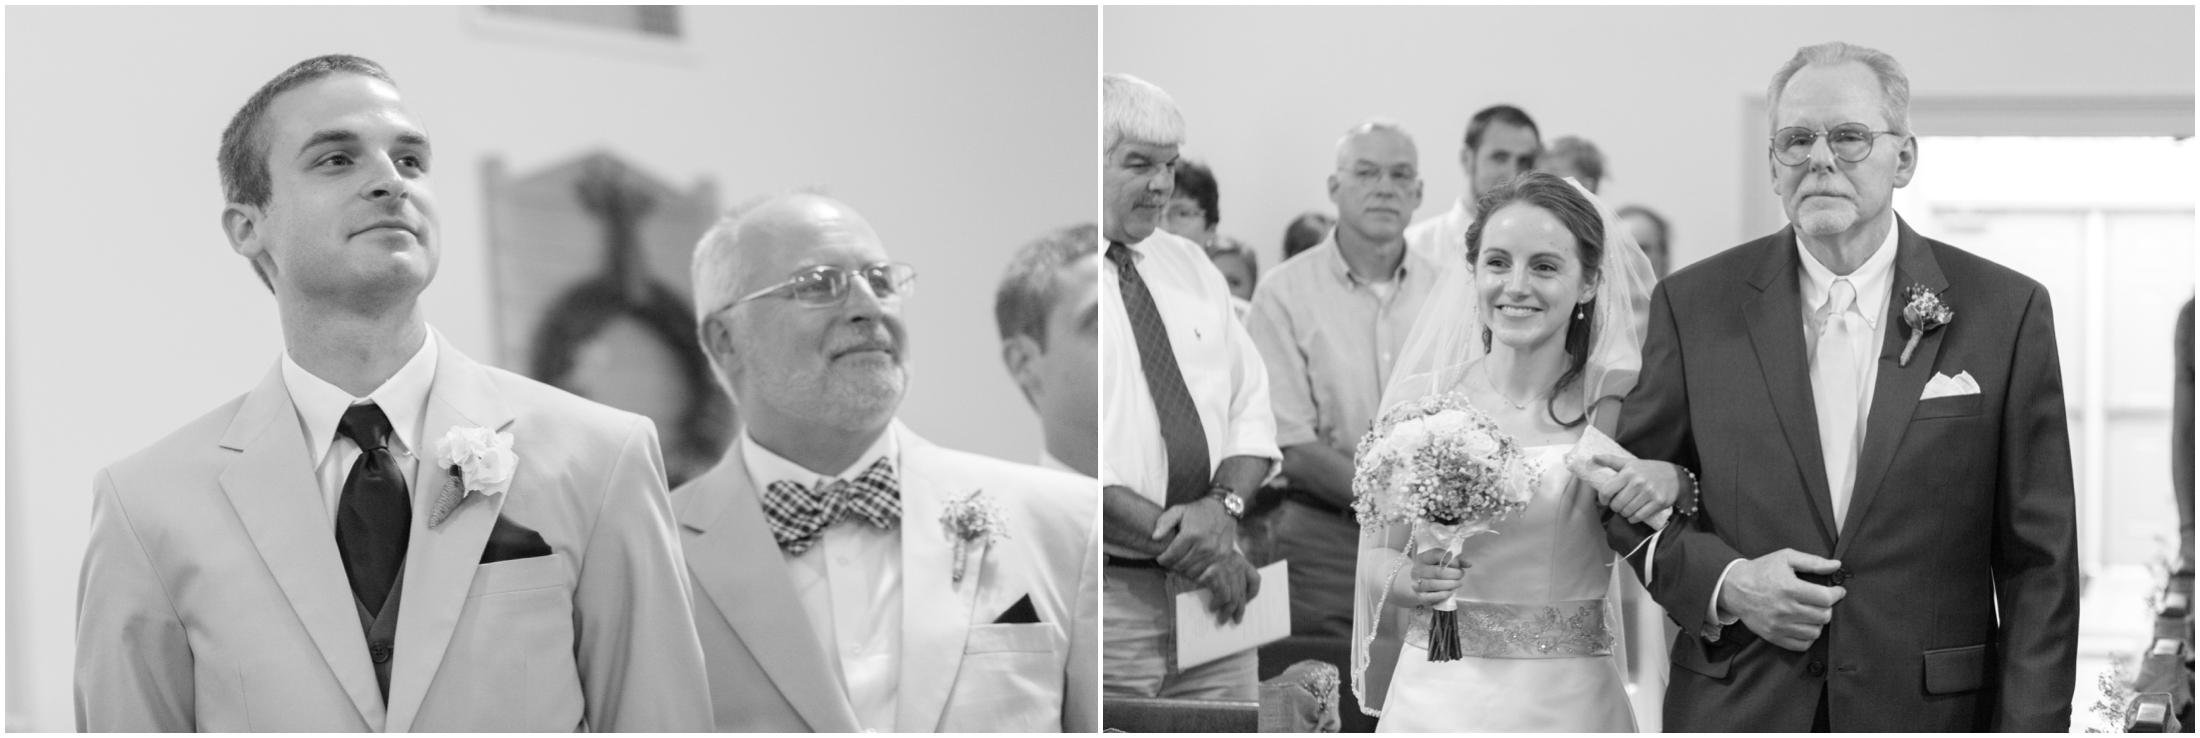 Nash-Wedding-Ceremony-288.jpg